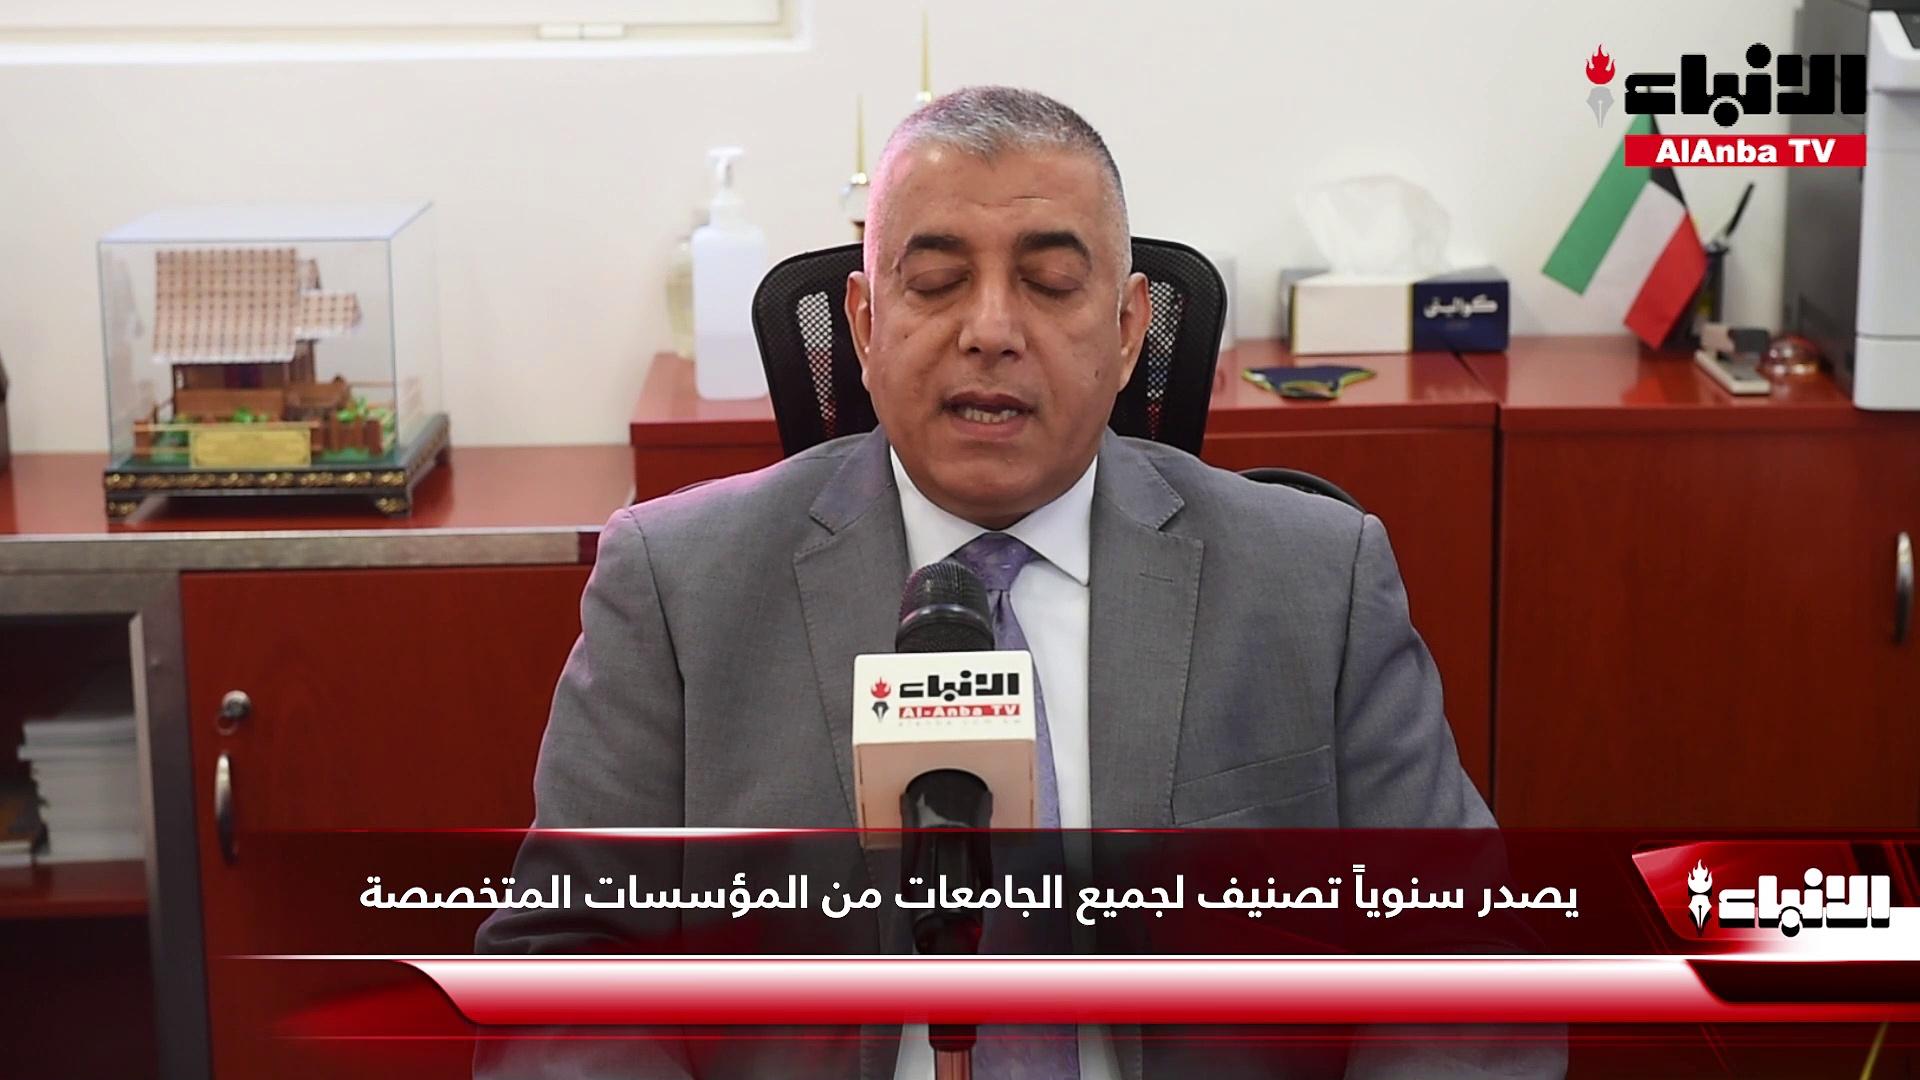 عميد الهندسة بكلية الكويت للعلوم والتكنولوجيا أ.د.علي شمخة في لقاء مع «الأنباء»